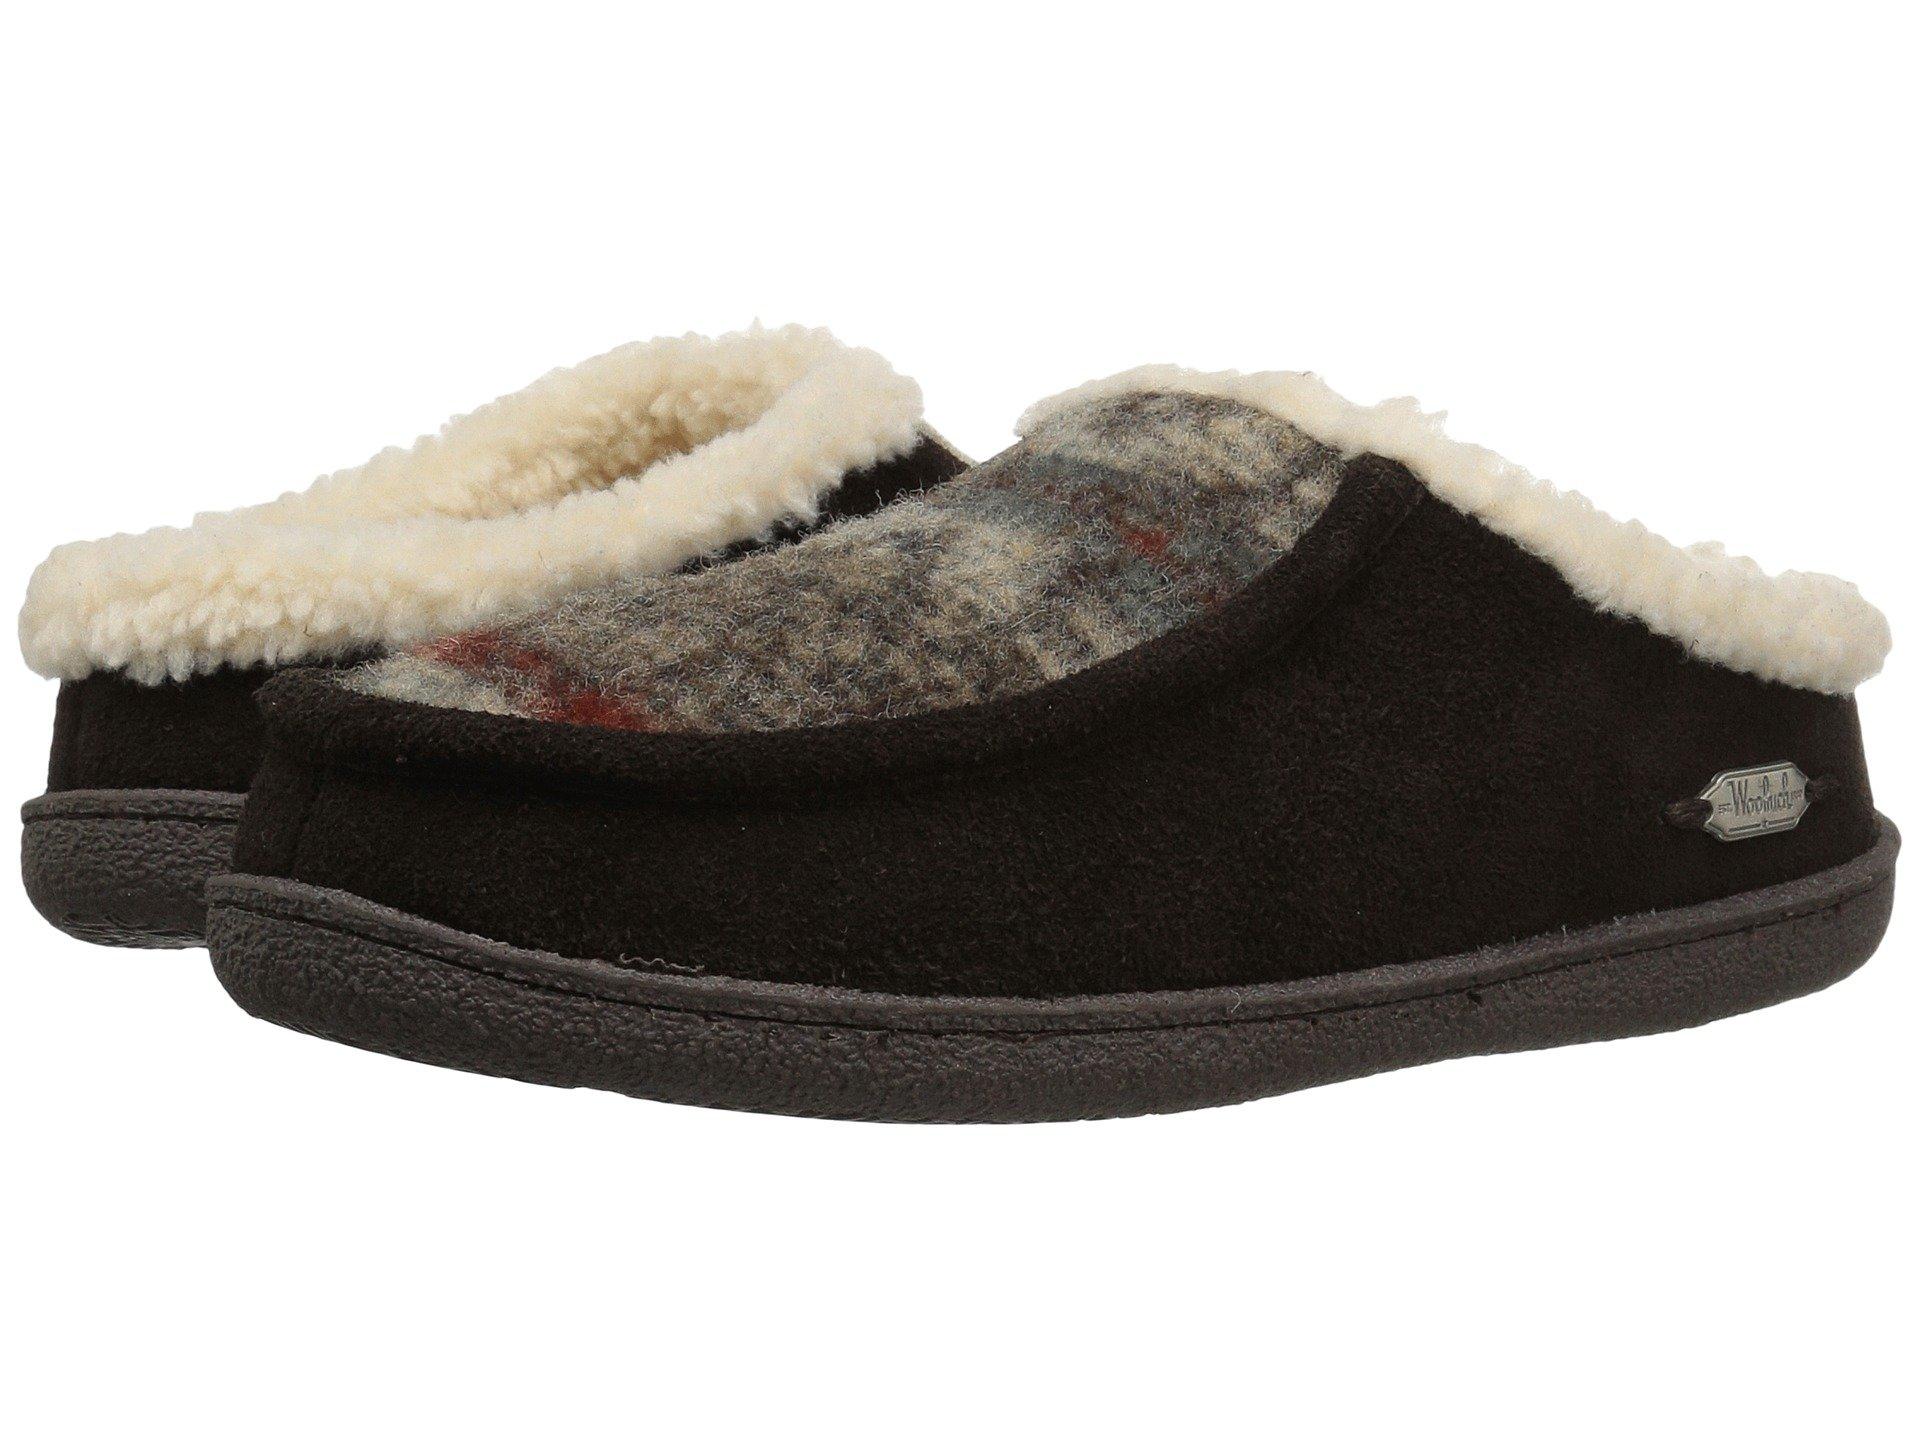 Zapato de Descanso para Mujer Woolrich Plum Ridge  + Woolrich en VeoyCompro.net